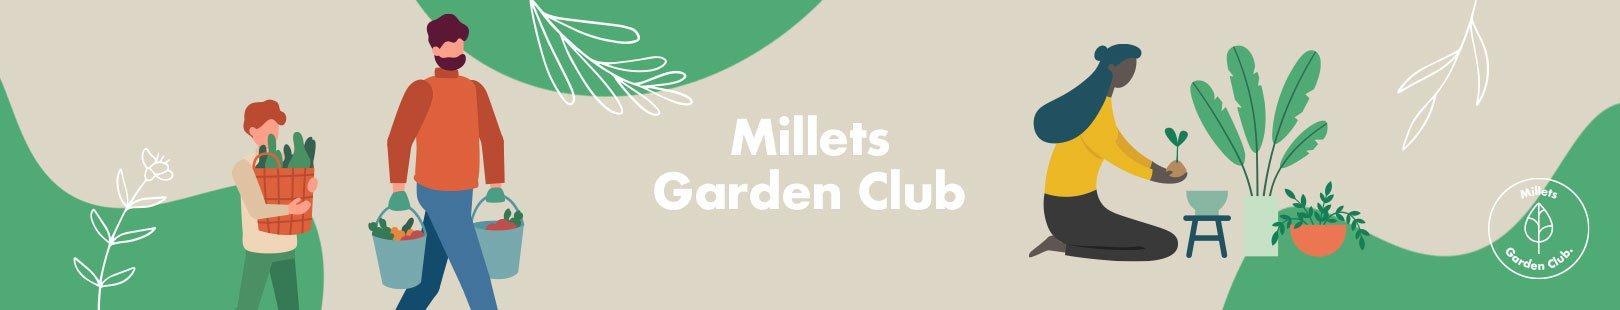 Millets Garden Club